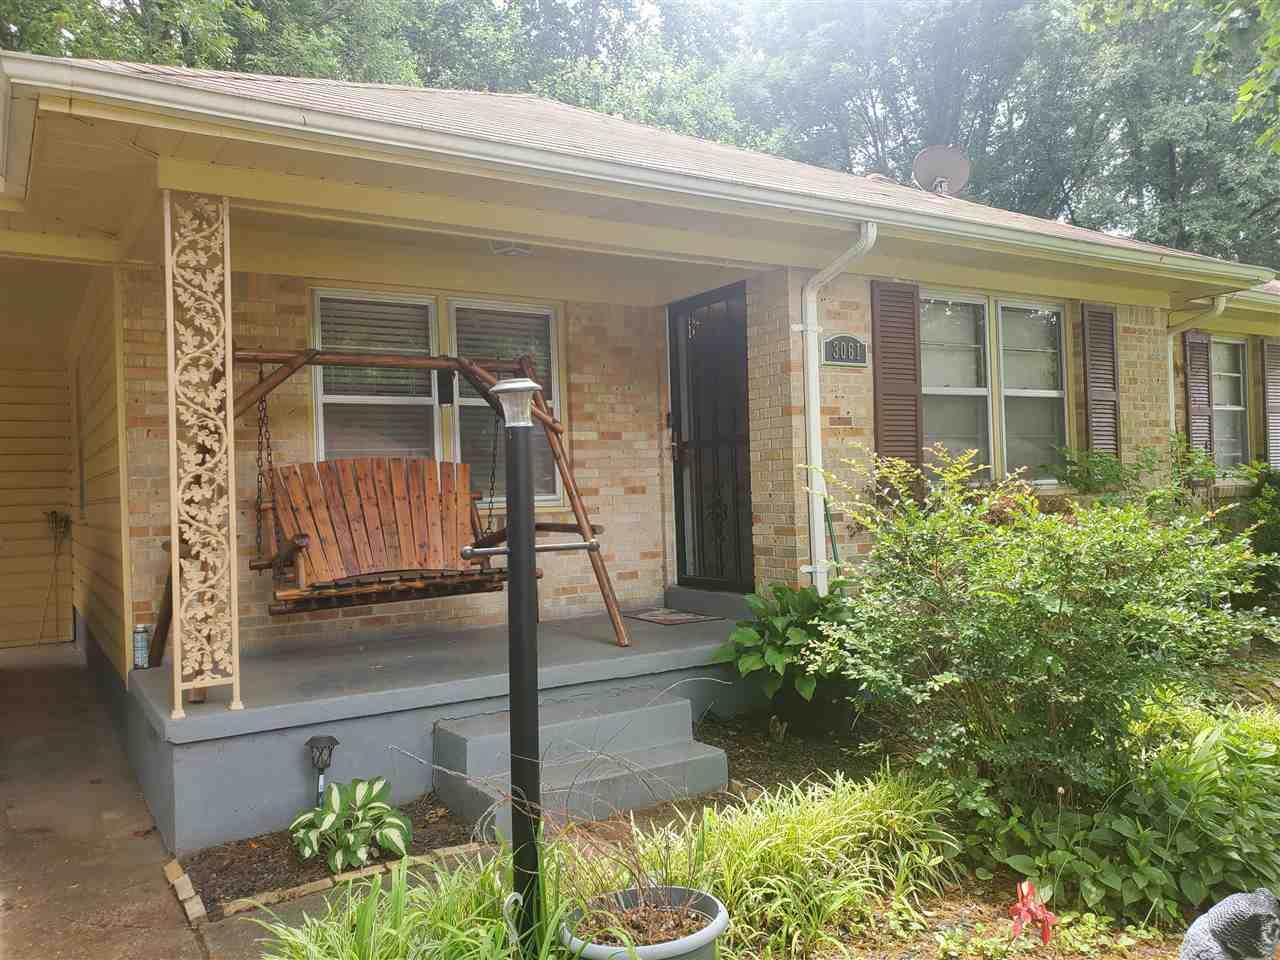 3061 Edgeware Rd - Photo 1